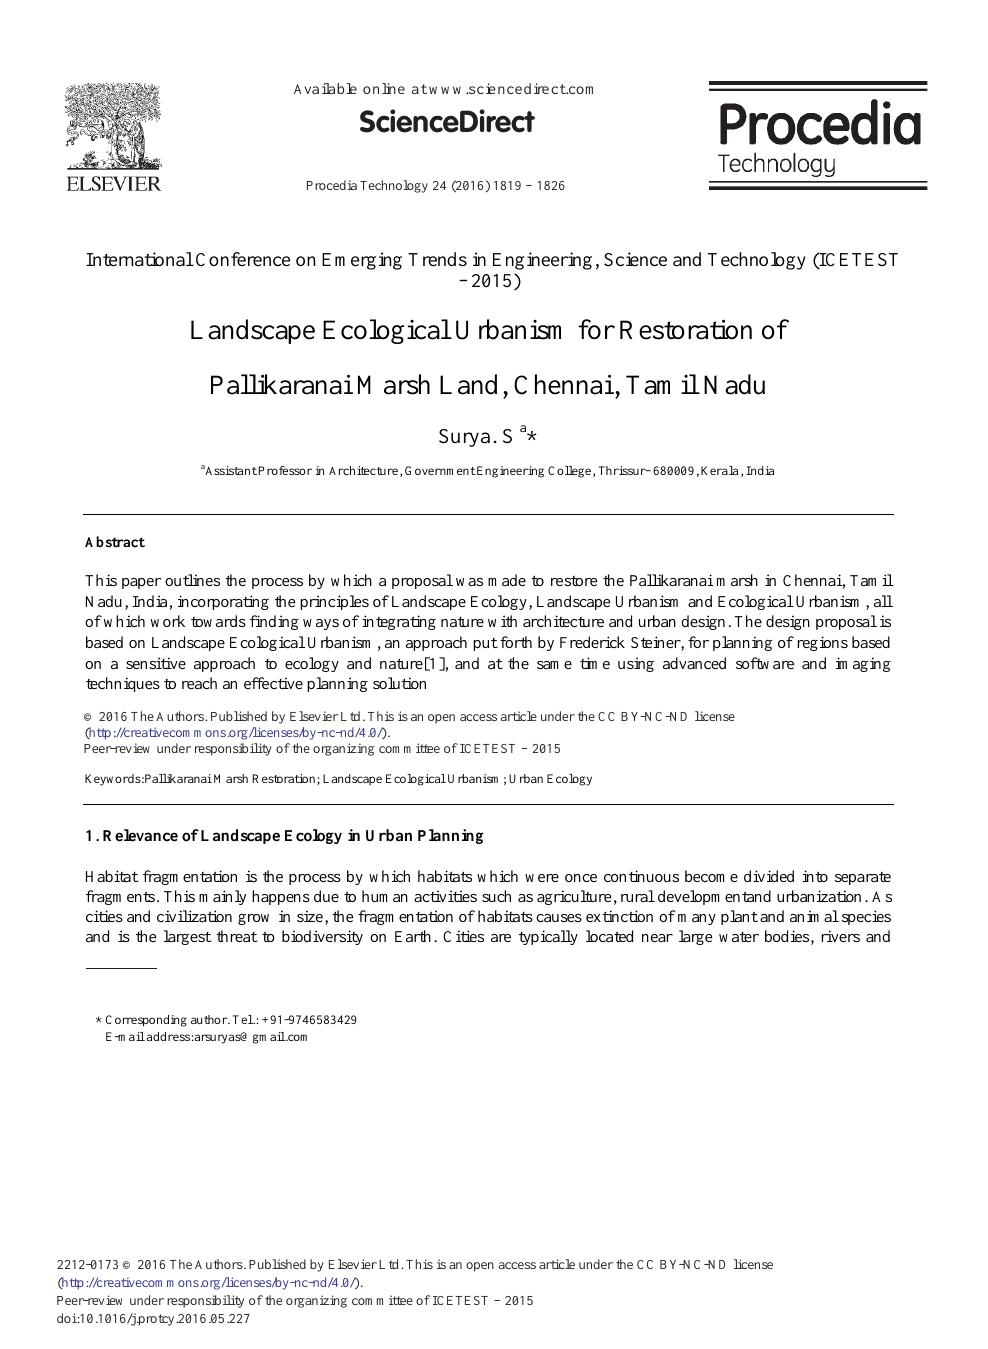 Landscape Ecological Urbanism for Restoration of